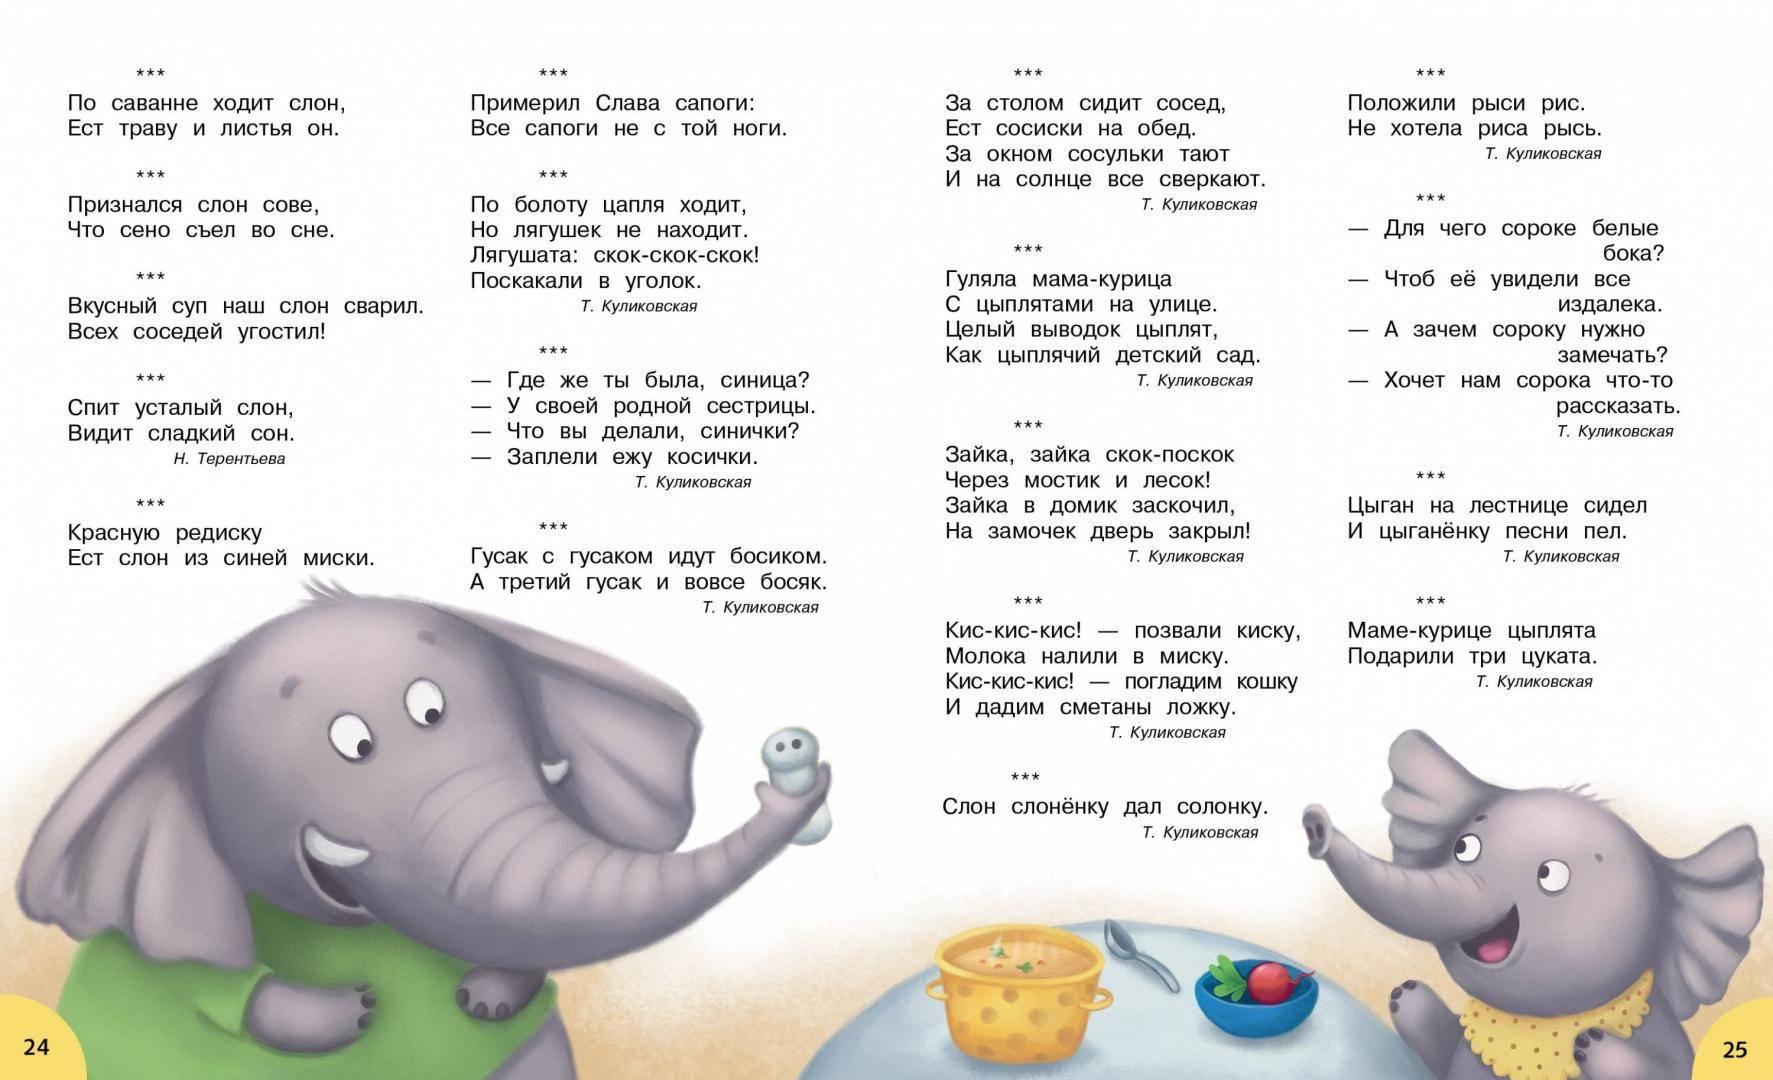 Как научить ребенка говорить букву «р»: упражнения и уроки логопеда